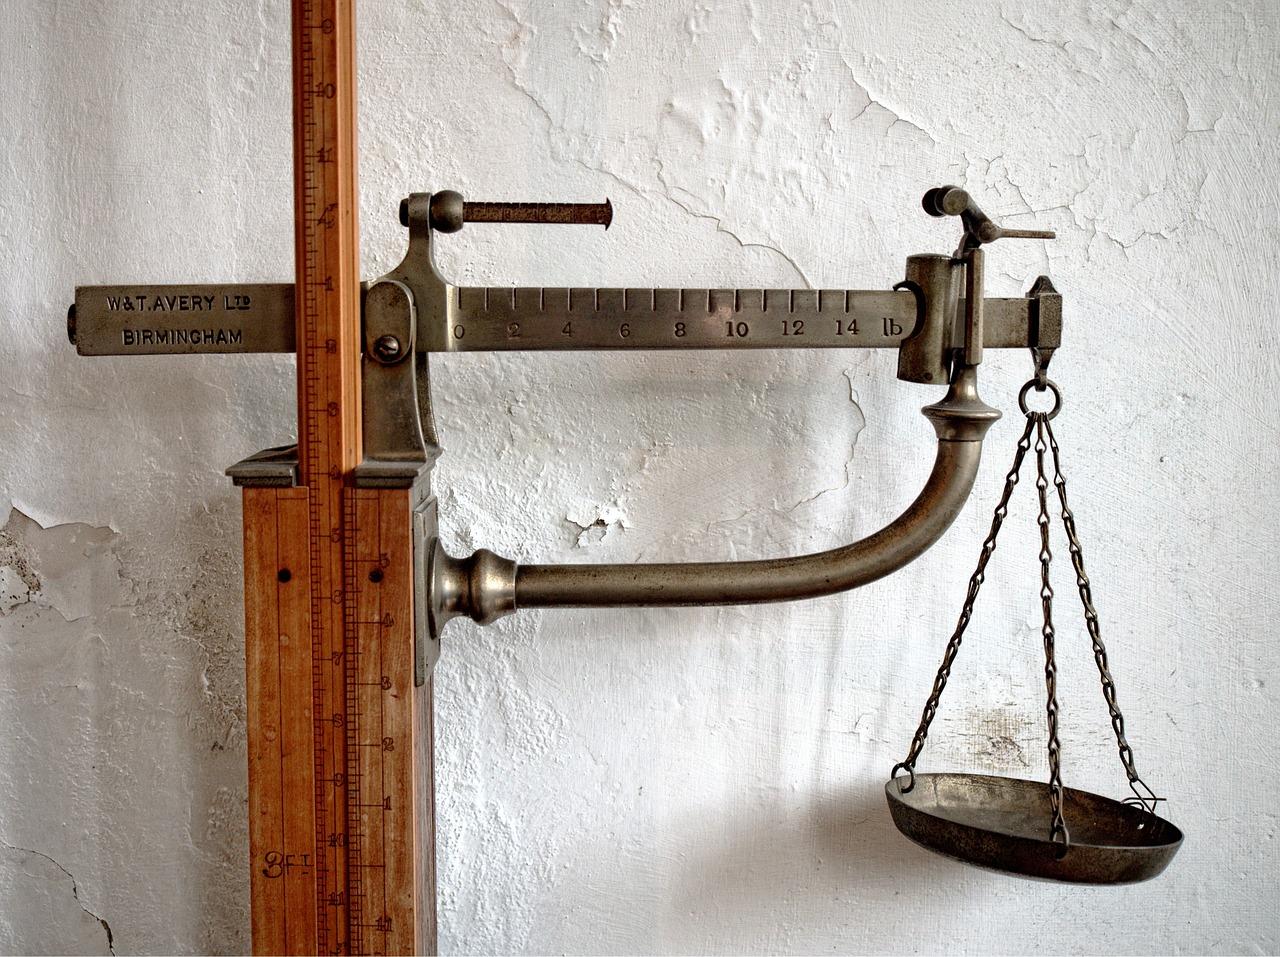 scales-1333455_1280.jpg